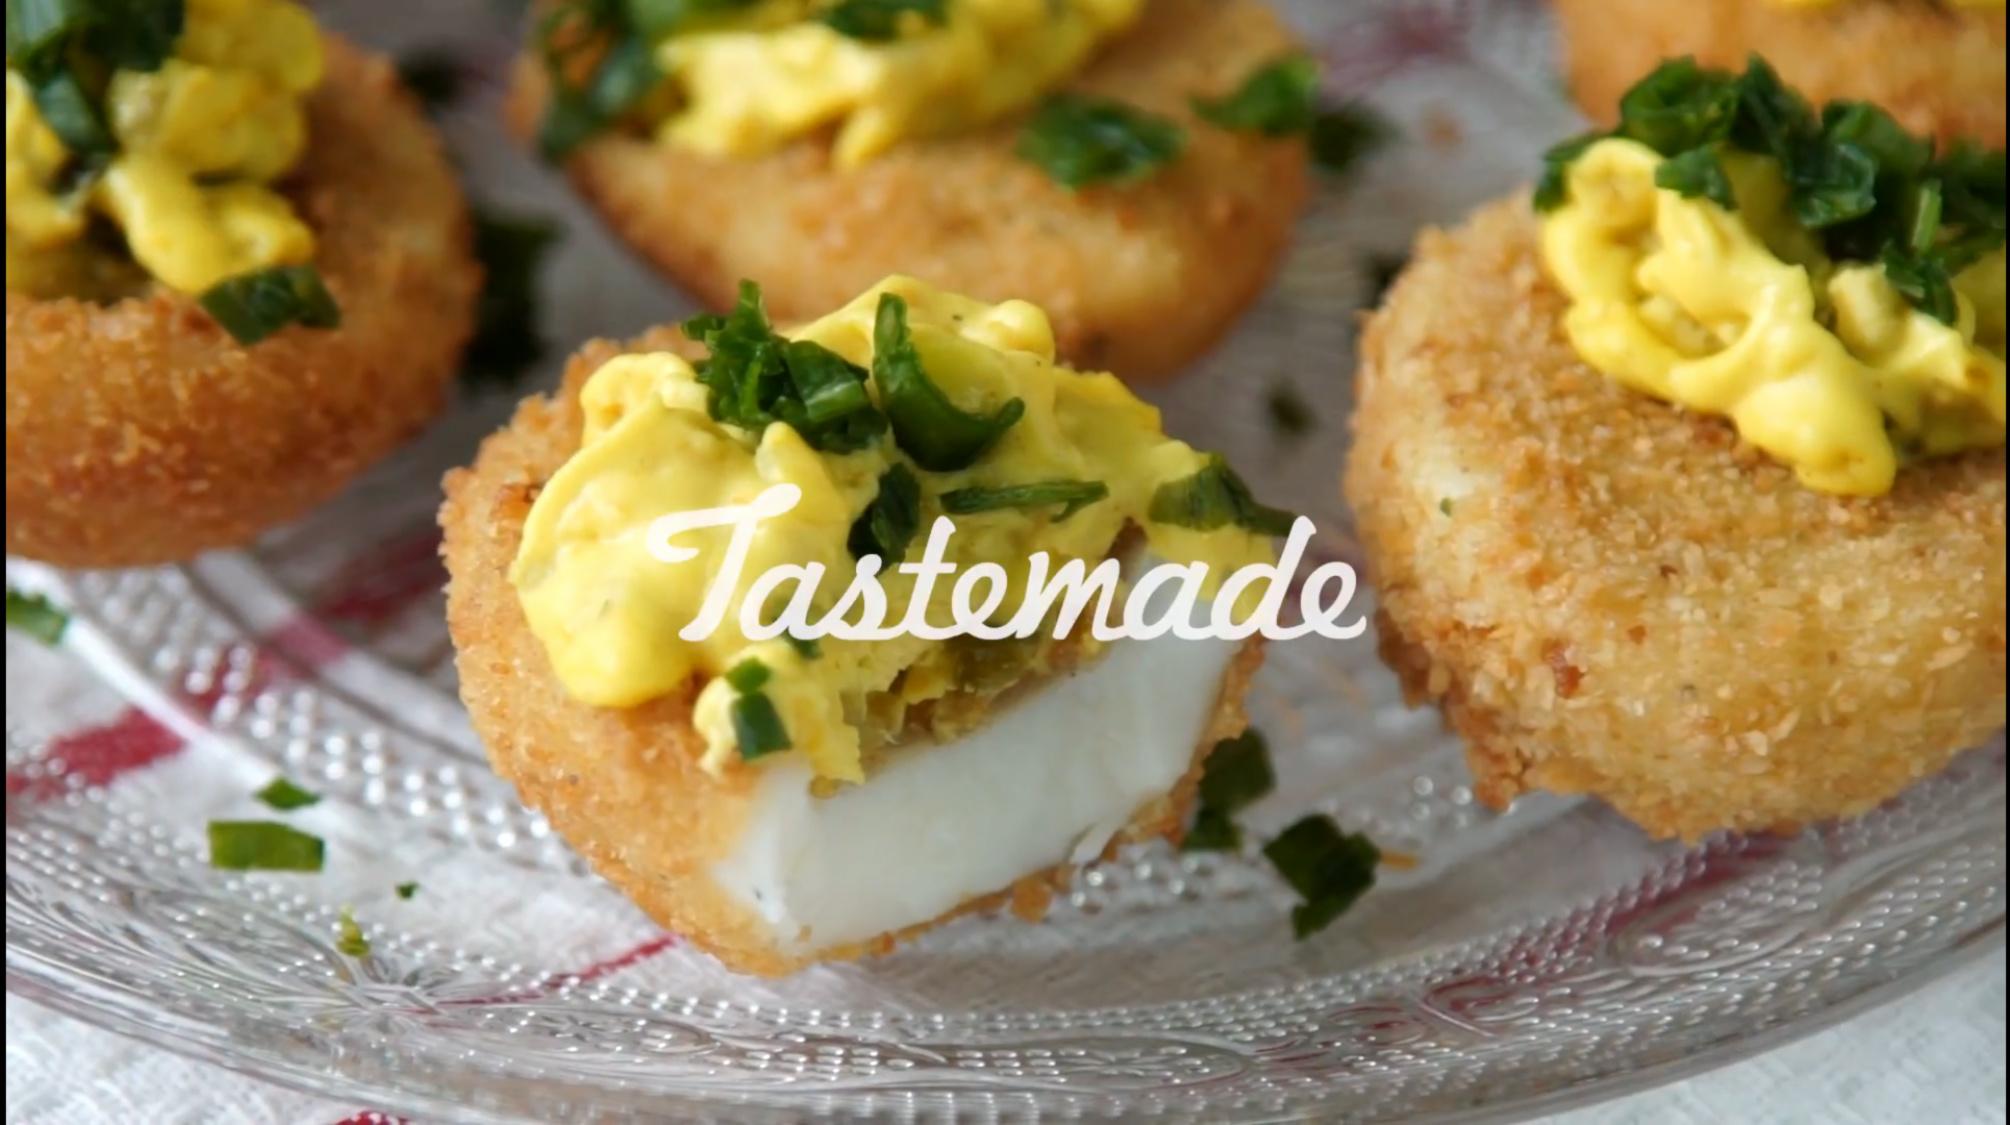 Croquetas estilo Tastemade. Todas las comidas son simples y, generalmente, ideales para picadas o reuniones con amigos